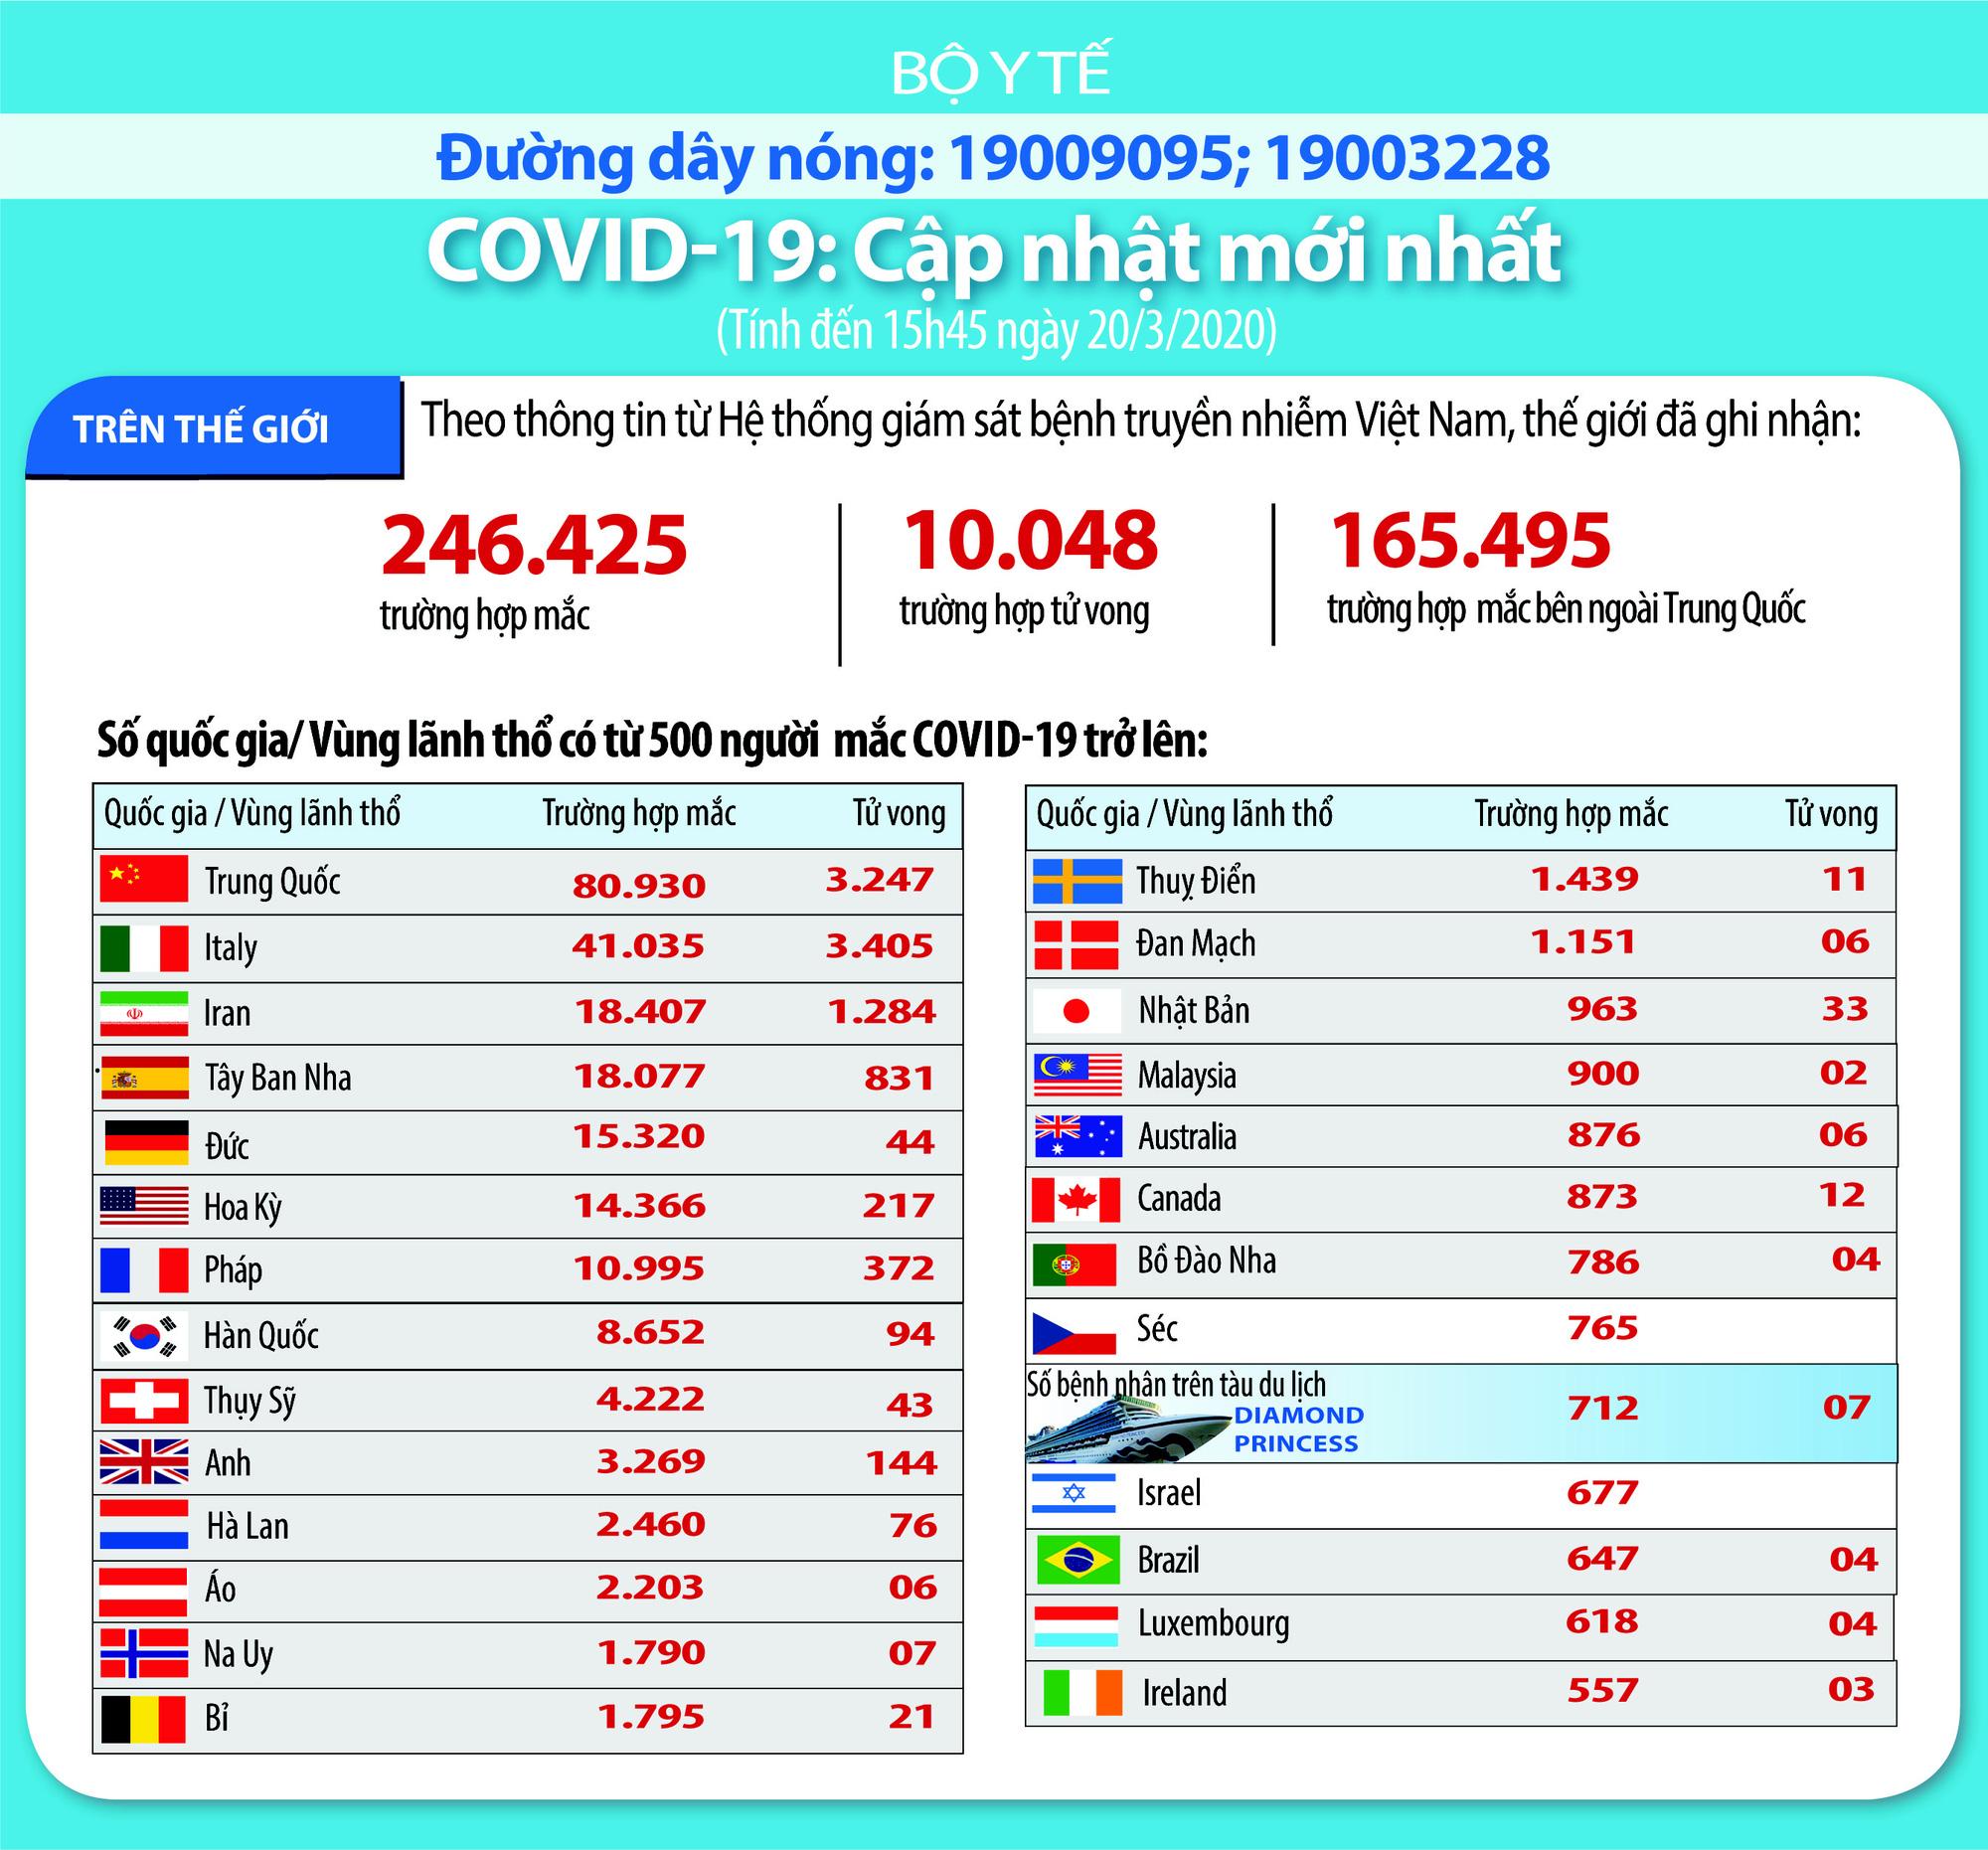 Cập nhật tình hình dịch virus corona ở ASEAN và châu Á ngày 20/3: Hàn Quốc ghi nhận thêm 87 ca nhiễm mới, Trung Quốc không có ca nhiễm mới trong nước hai ngày liên tiếp - Ảnh 1.